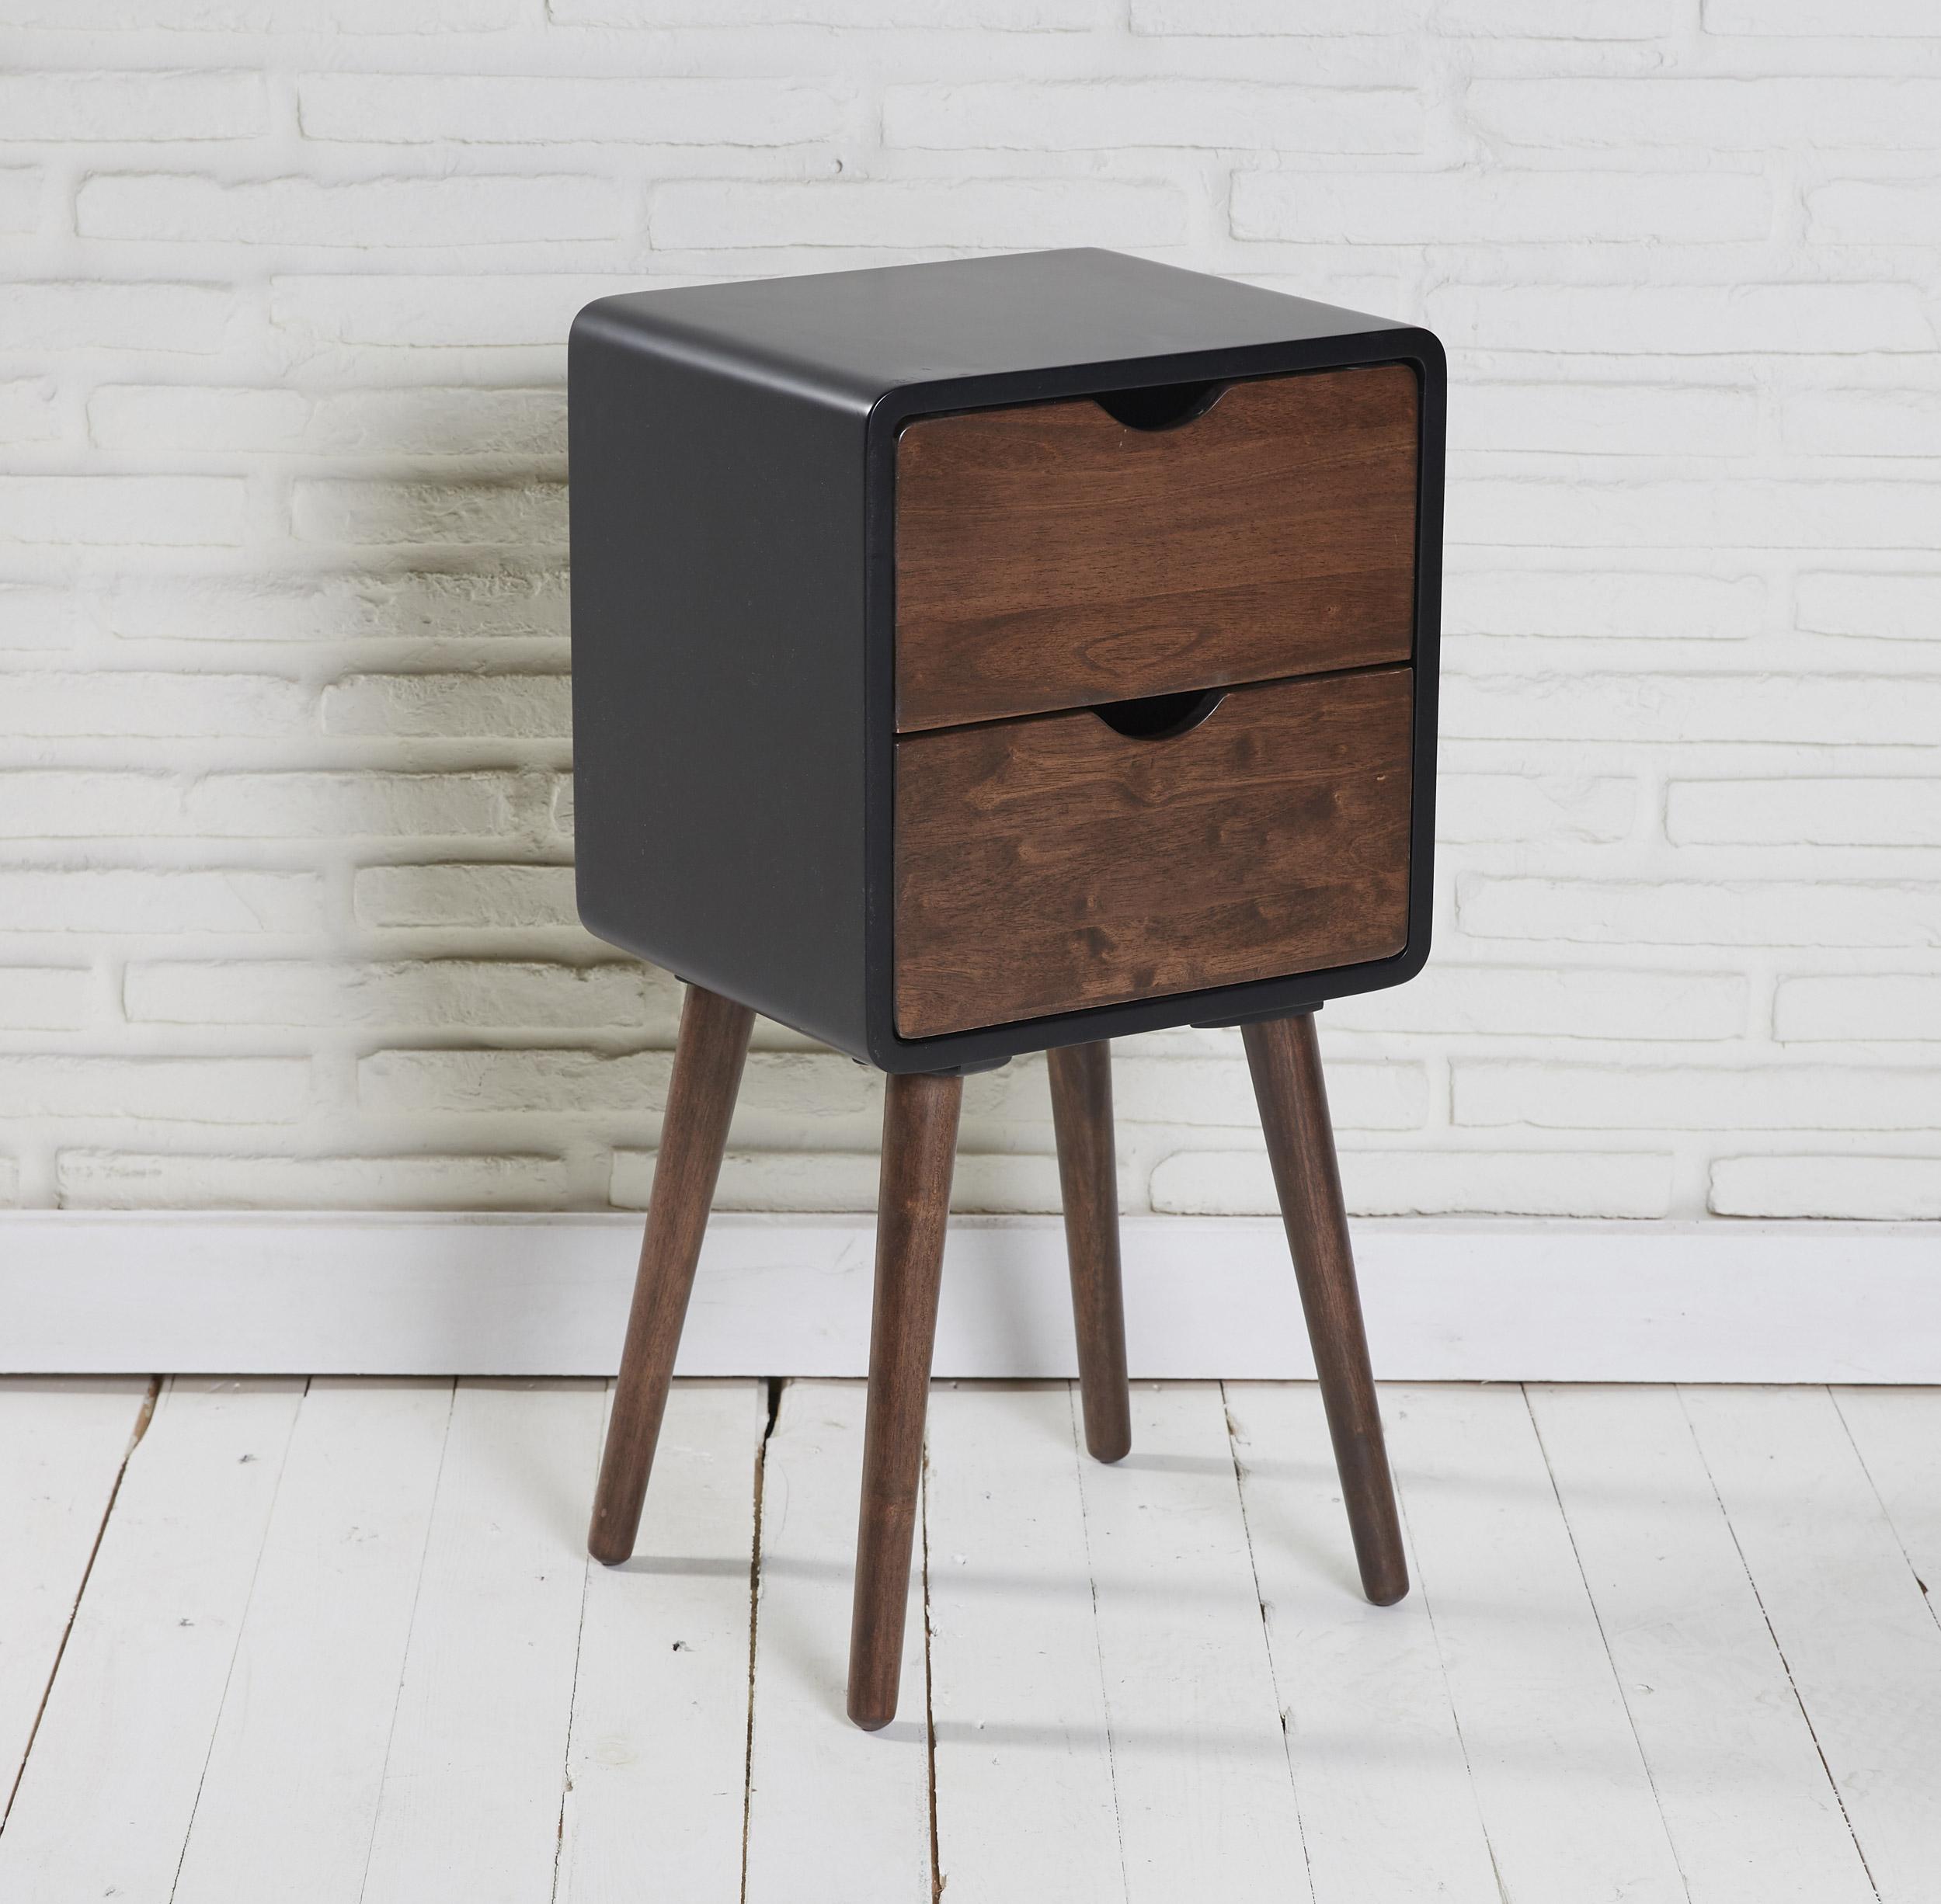 nachttisch beistelltisch telefontisch 2 schubladen holz schwarz nussbaumoptik ebay. Black Bedroom Furniture Sets. Home Design Ideas